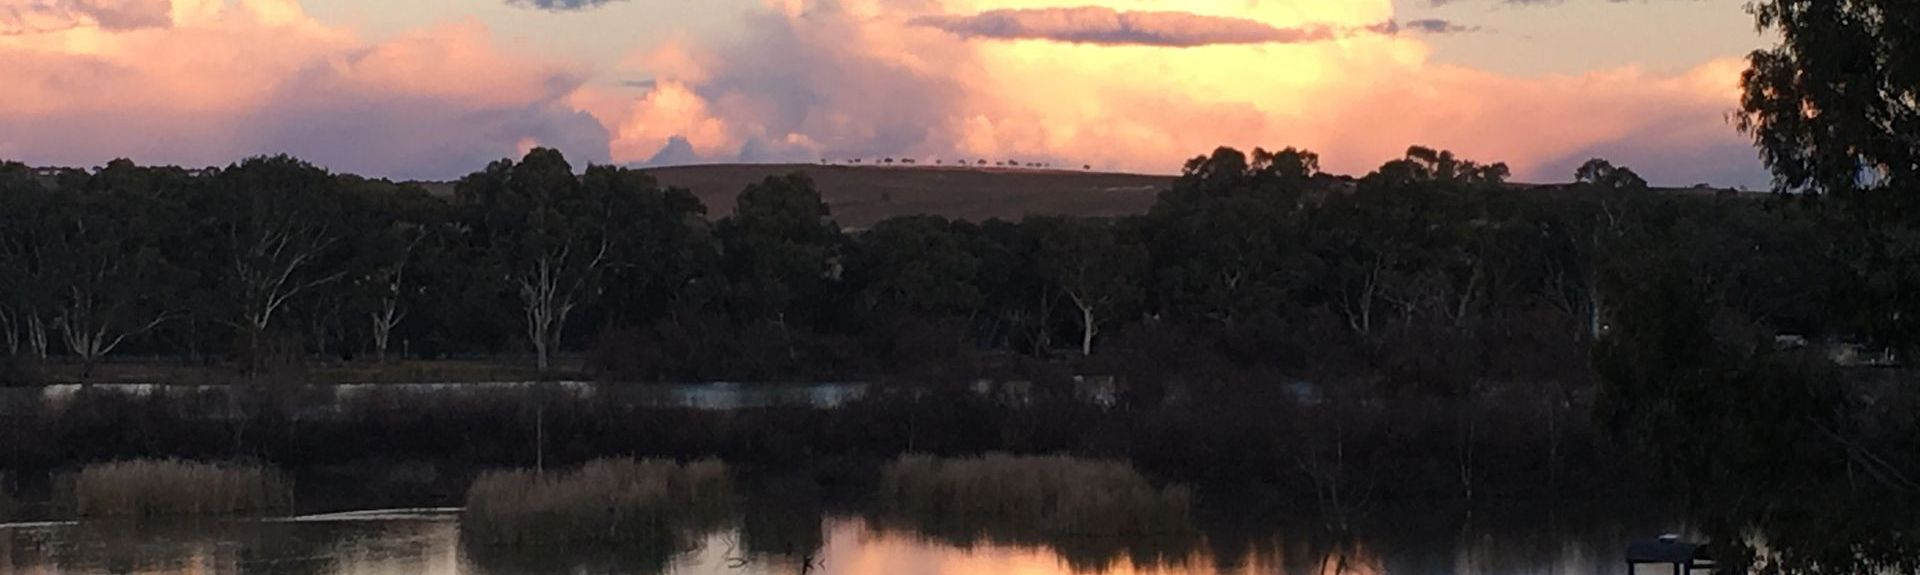 Πάλμερ, Νότια Αυστραλία, Αυστραλία